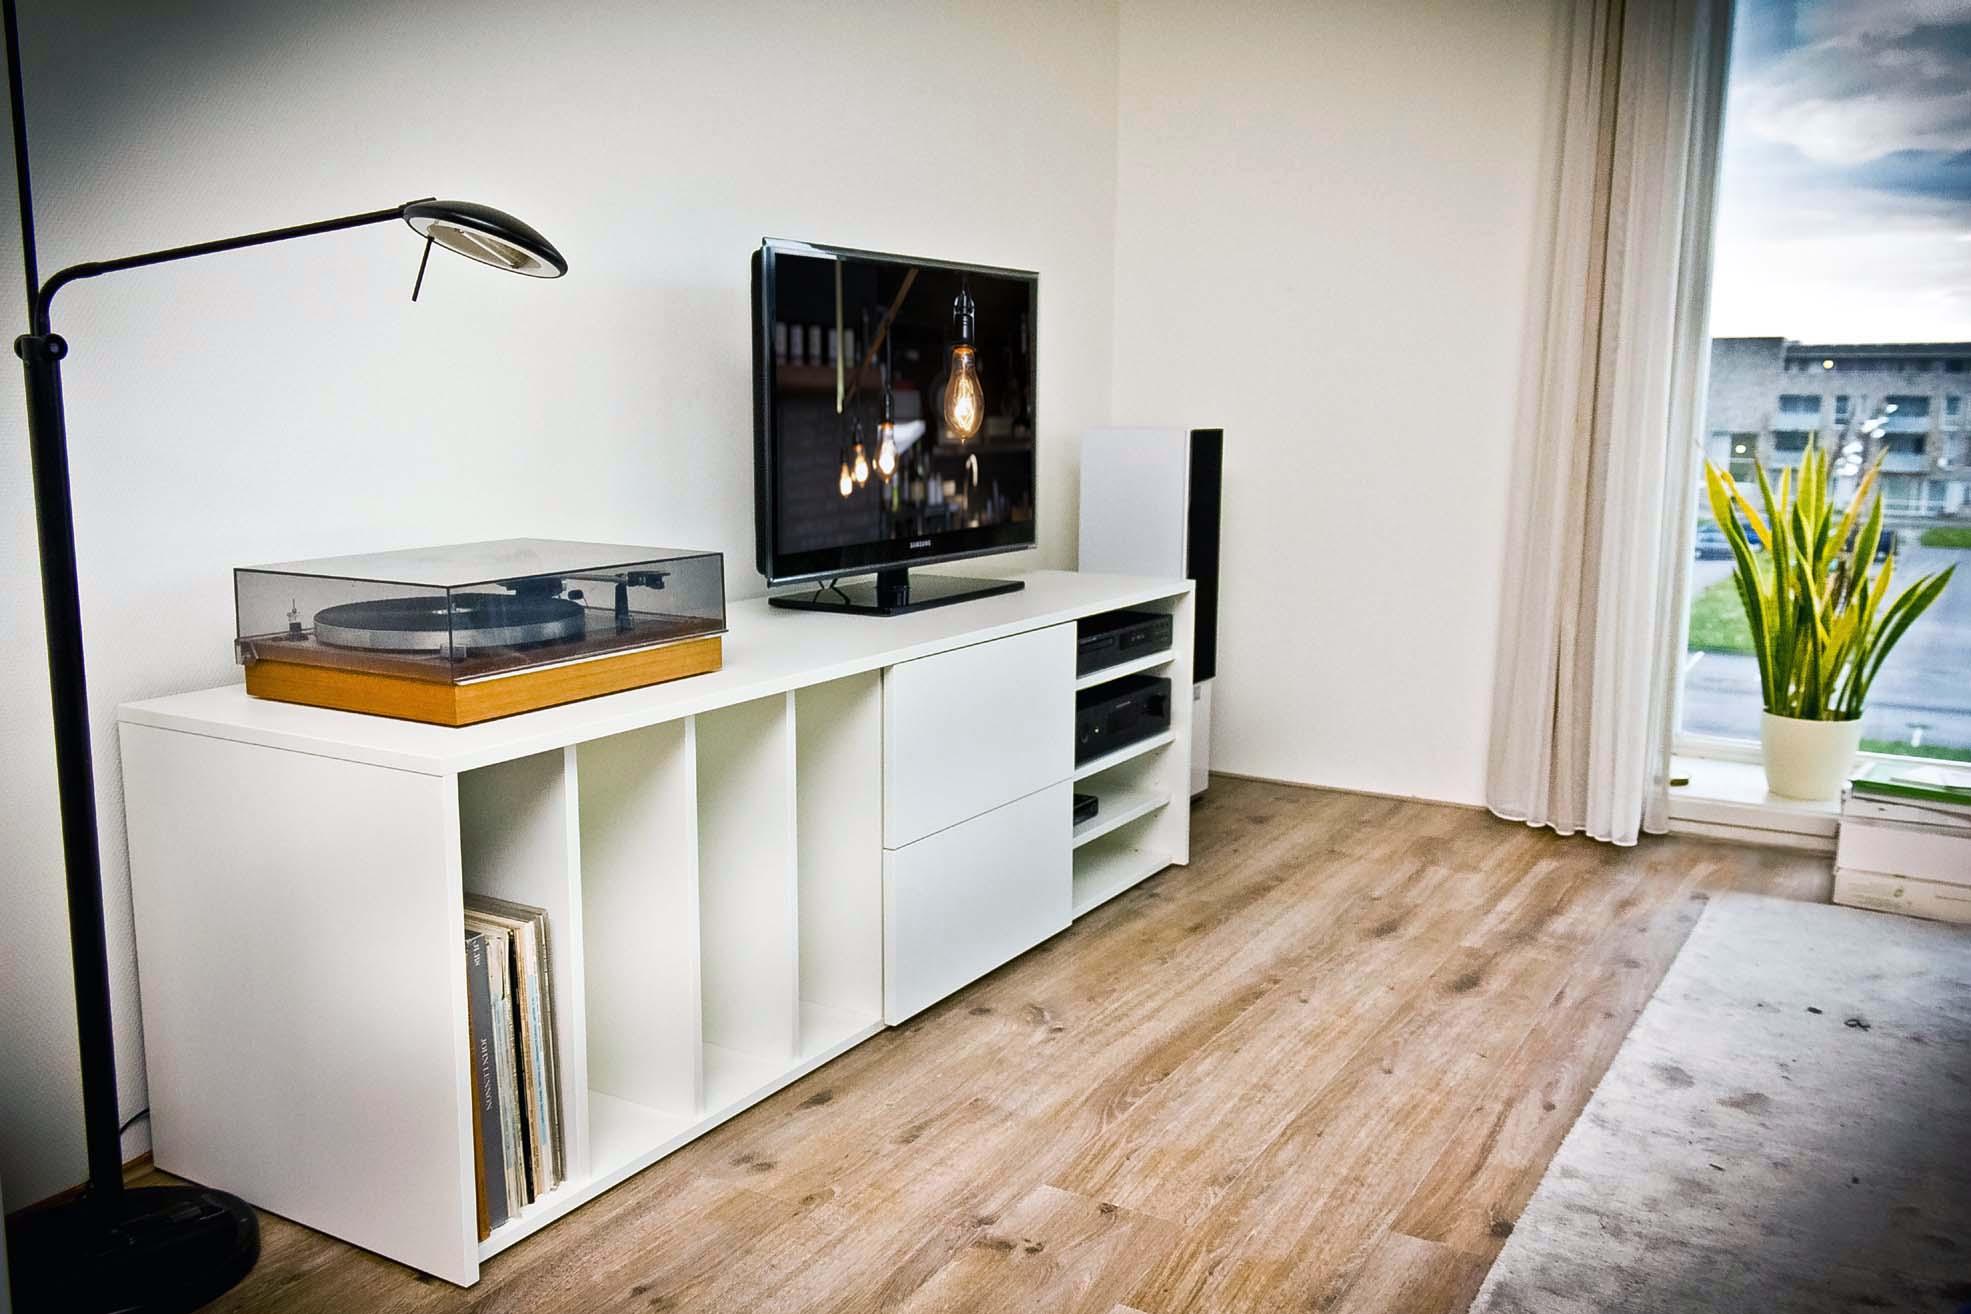 Ontwerp je eigen meubel met emondo op iear audio show